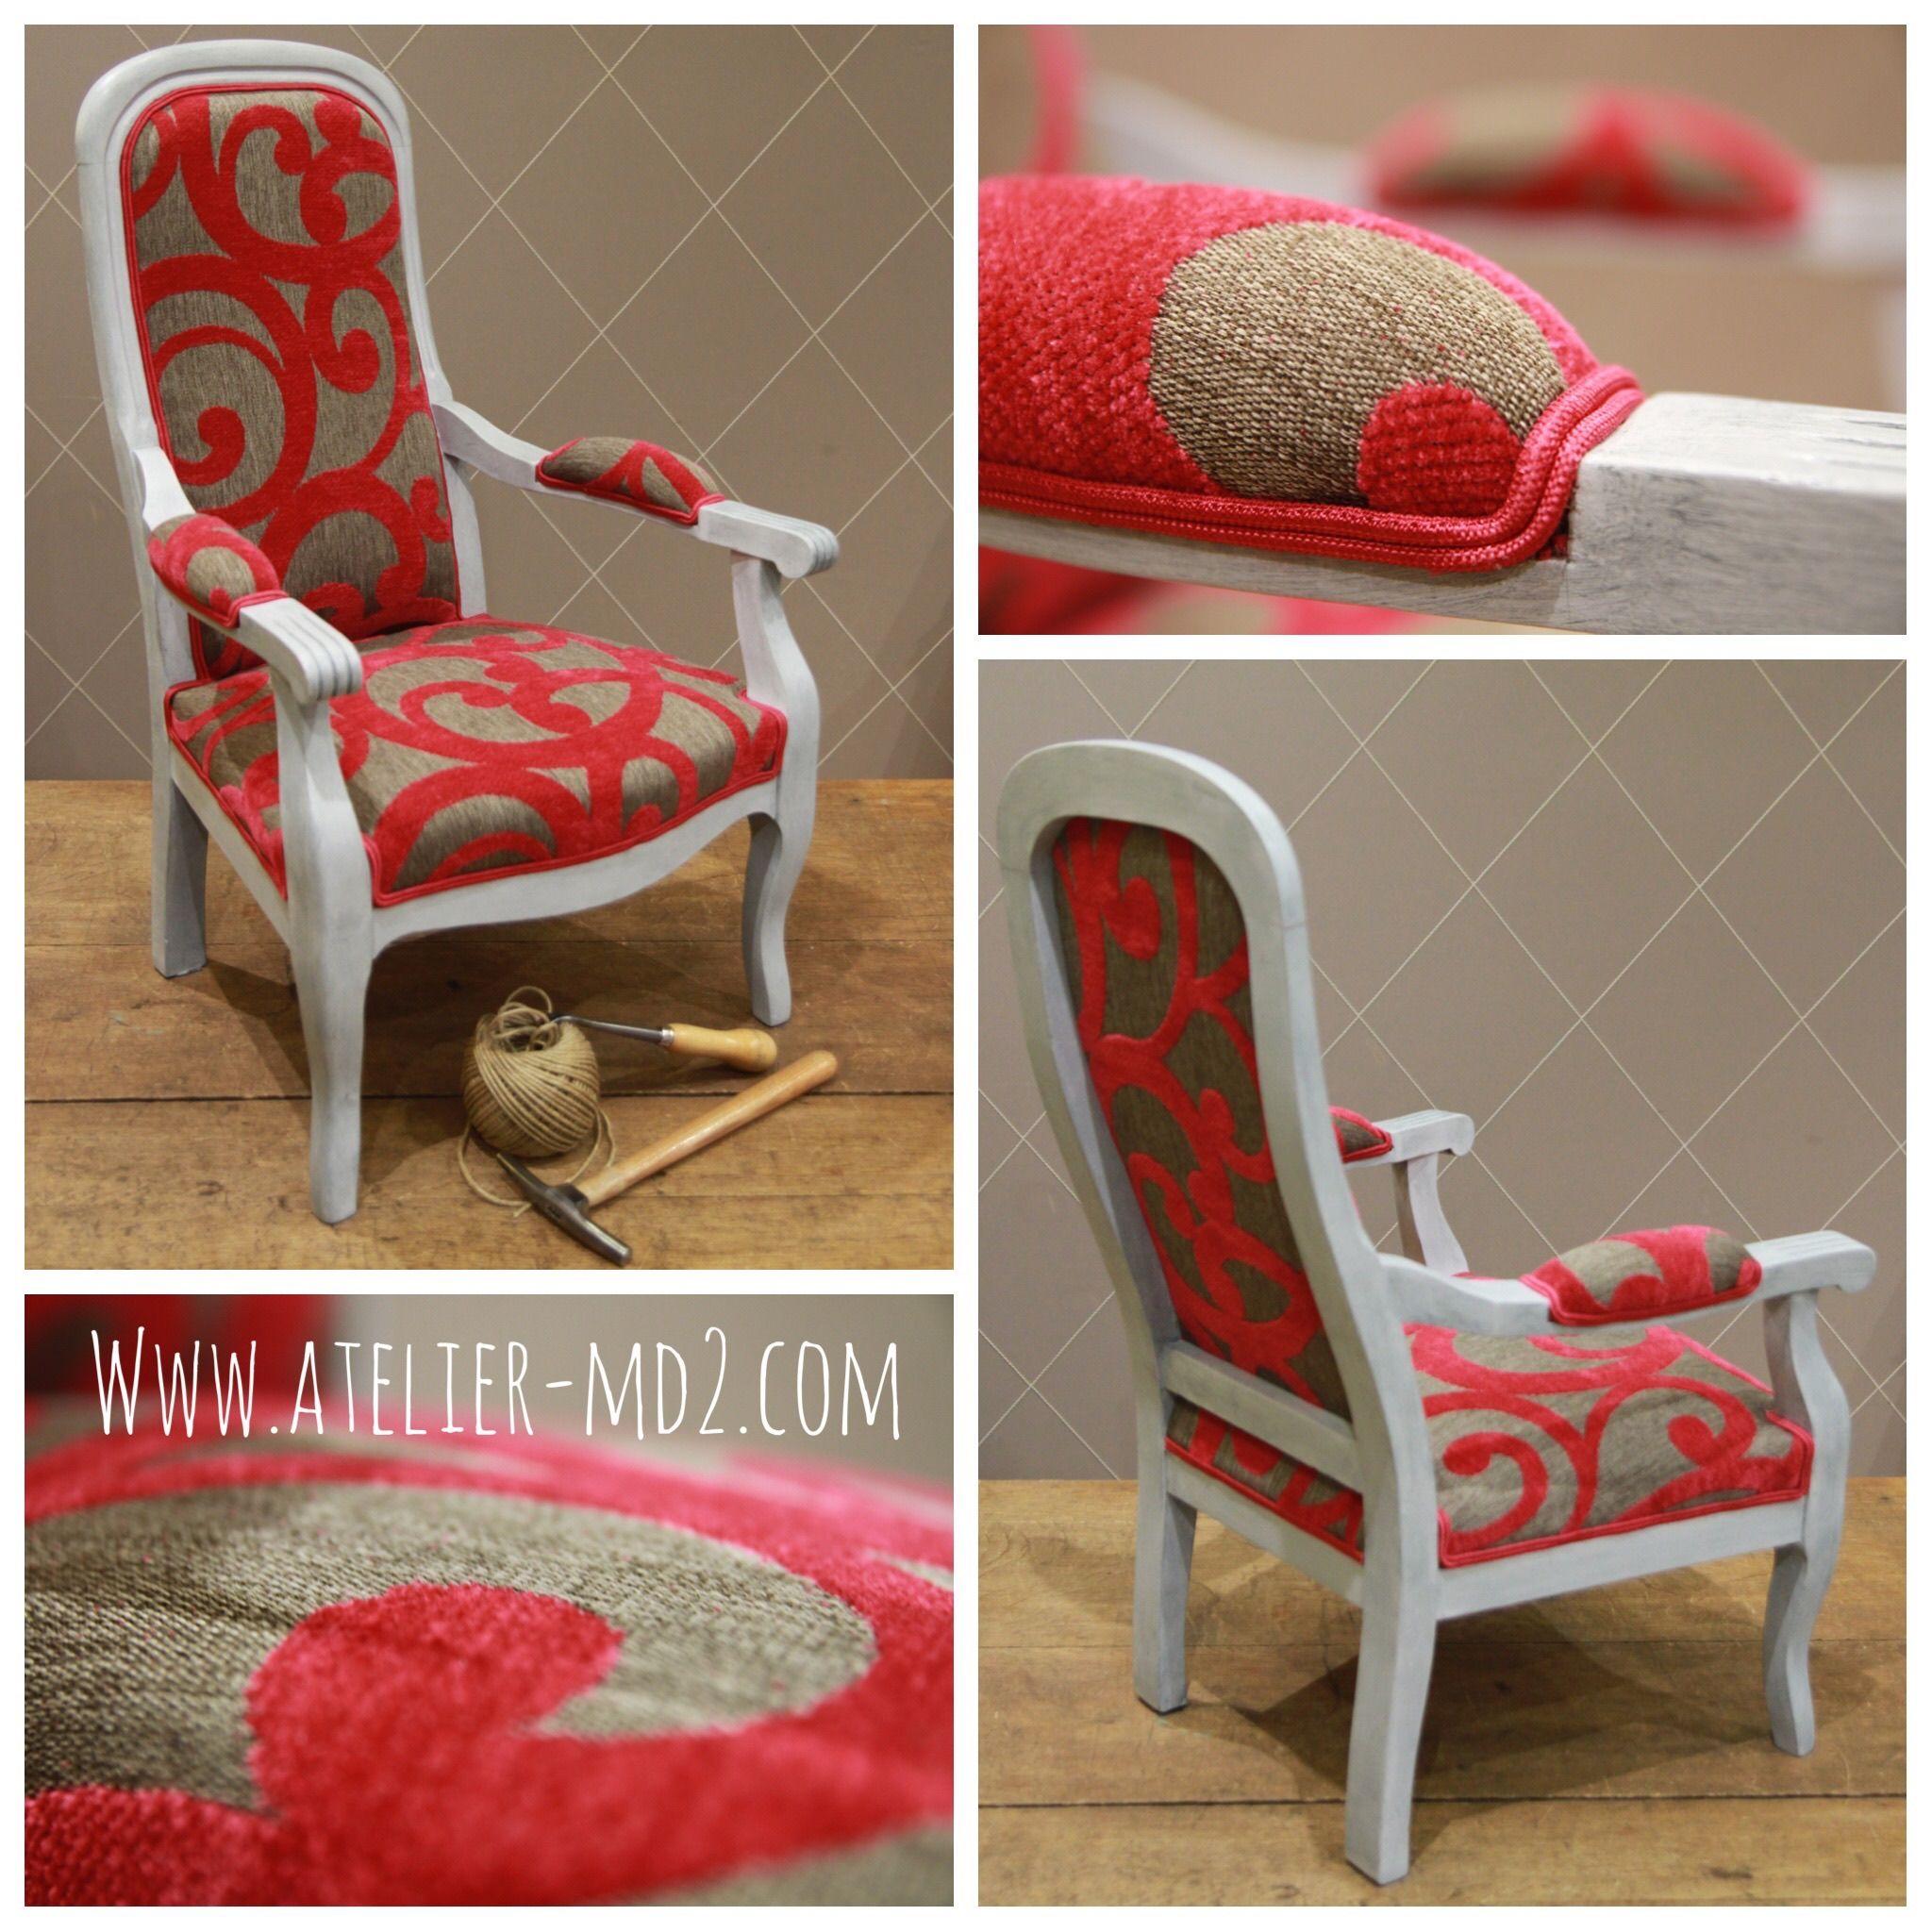 Original fauteuil Voltaire taille enfant Fauteuil